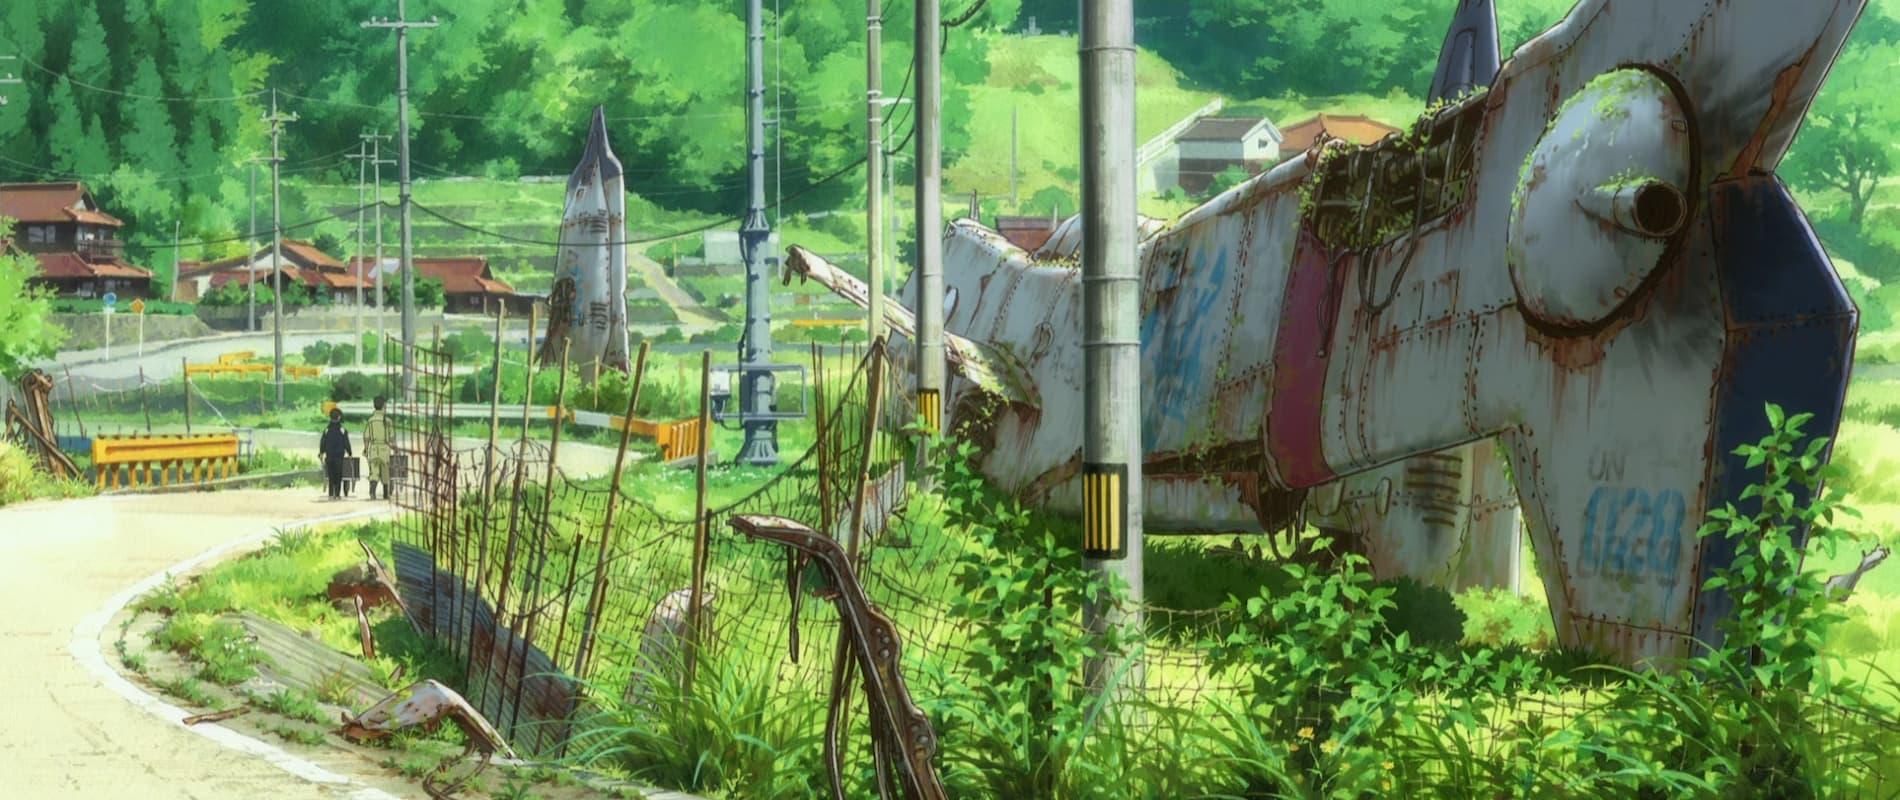 Рецензия на фильм «Rebuild of Evangelion». Deaddinos - изображение 1